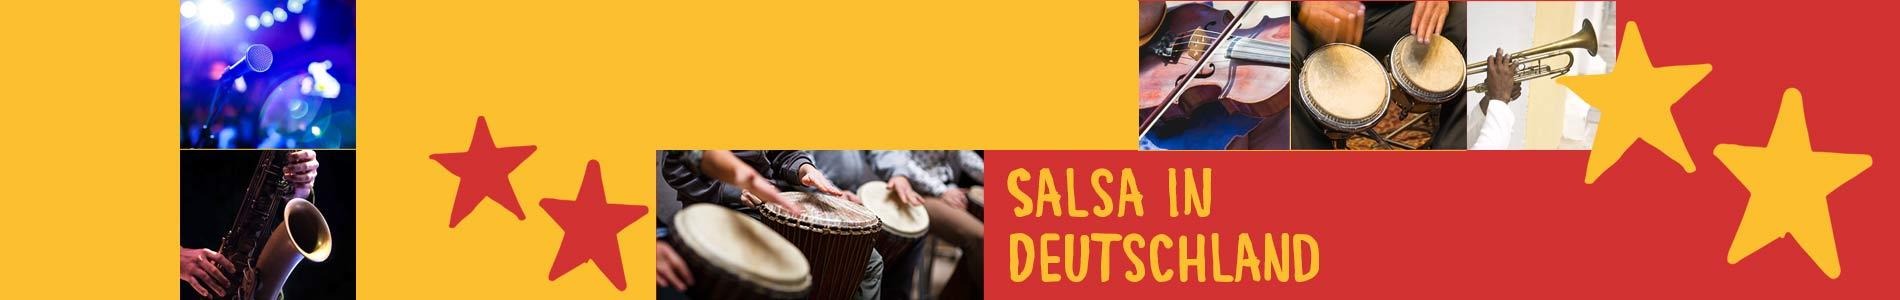 Salsa in Casekow – Salsa lernen und tanzen, Tanzkurse, Partys, Veranstaltungen